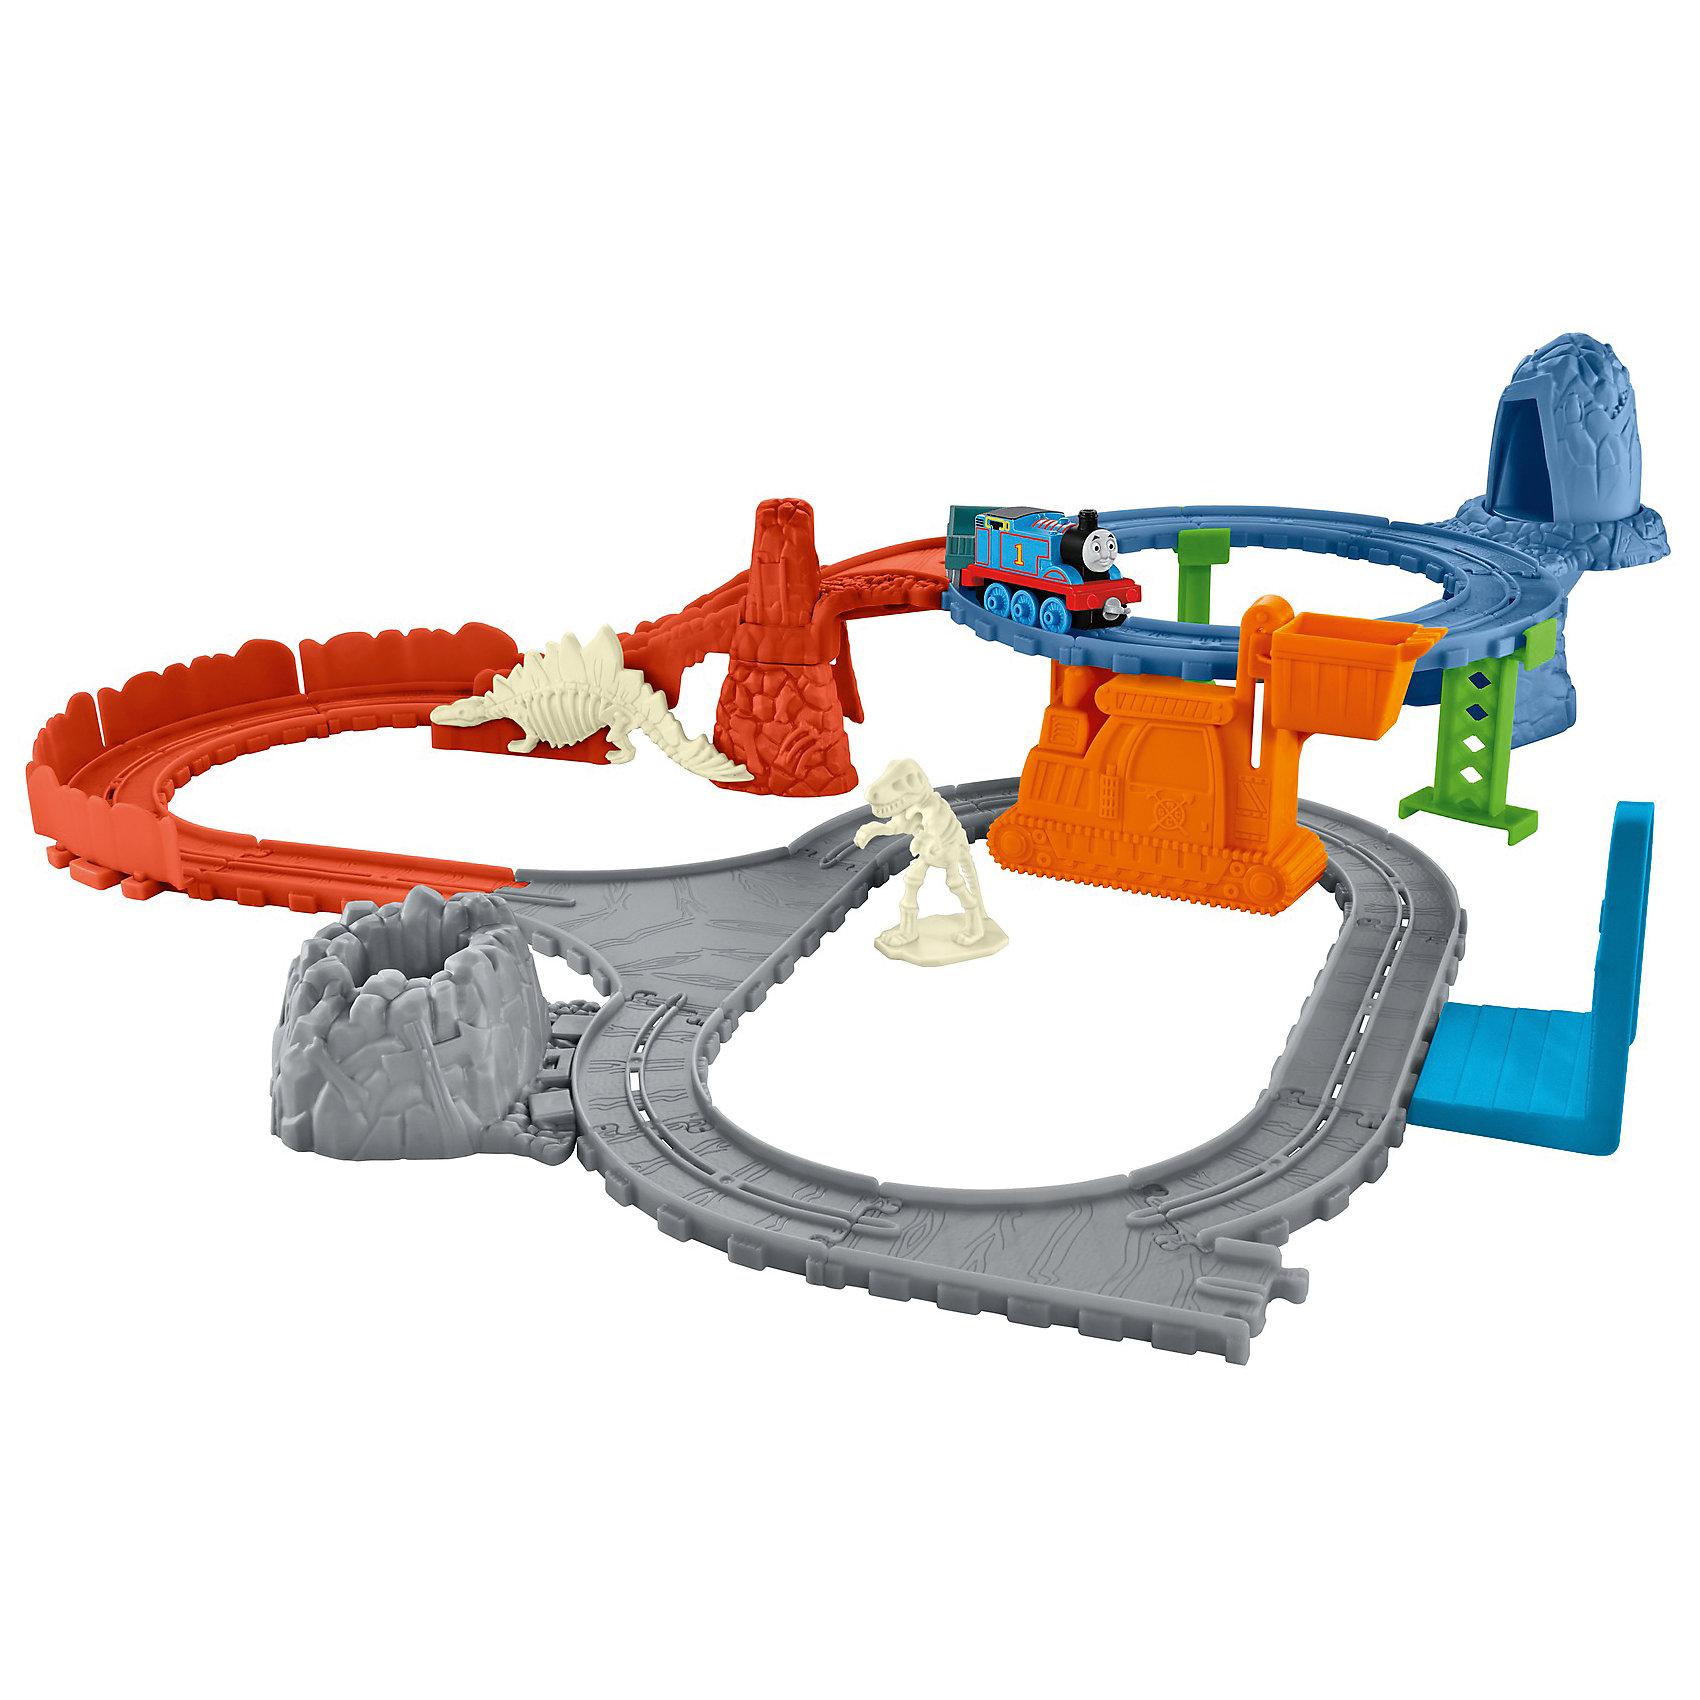 Игровой набор Раскопки динозавров, Томас и его друзьяПопулярные игрушки<br>Игровой набор Раскопки динозавров, Томас и его друзья.<br><br>Характеристики:<br><br>• В наборе: паровоз, вагон, детали для сборки железной дороги, динозавр (требуется сборка), кратер<br>• Материал: пластик<br>• Упаковка: картонная коробка<br>• Размер упаковки: 40х28х7 см.<br><br>В наборе железной дороги Раскопки динозавров Томасу нужно найти все ископаемые части скелета динозавра и доставить их в музей. Томас начинает поиски в районе верхнего кольца и находит кости древних ящеров в пещере. Сложите их в ковш крана, и спустите вниз. Когда Томас едет к другой стороне кольца, происходит обвал и обнаруживается череп динозавра! <br><br>Положите череп в грузовой вагон. Последние окаменелости находятся в кратере внизу. Томас отвозит кости в музей, где из них собирают скелет динозавра! Будет трудно, но Томас справится с этой задачей! Набор подарит вашему малышу множества веселых моментов и увлекательные возможности для игры. Все элементы набора выполнены из высококачественного пластика и покрыты нетоксичными красками.<br><br>Игровой набор Раскопки динозавров, Томас и его друзья можно купить в нашем интернет-магазине.<br><br>Ширина мм: 405<br>Глубина мм: 65<br>Высота мм: 280<br>Вес г: 781<br>Возраст от месяцев: 36<br>Возраст до месяцев: 120<br>Пол: Мужской<br>Возраст: Детский<br>SKU: 5378281